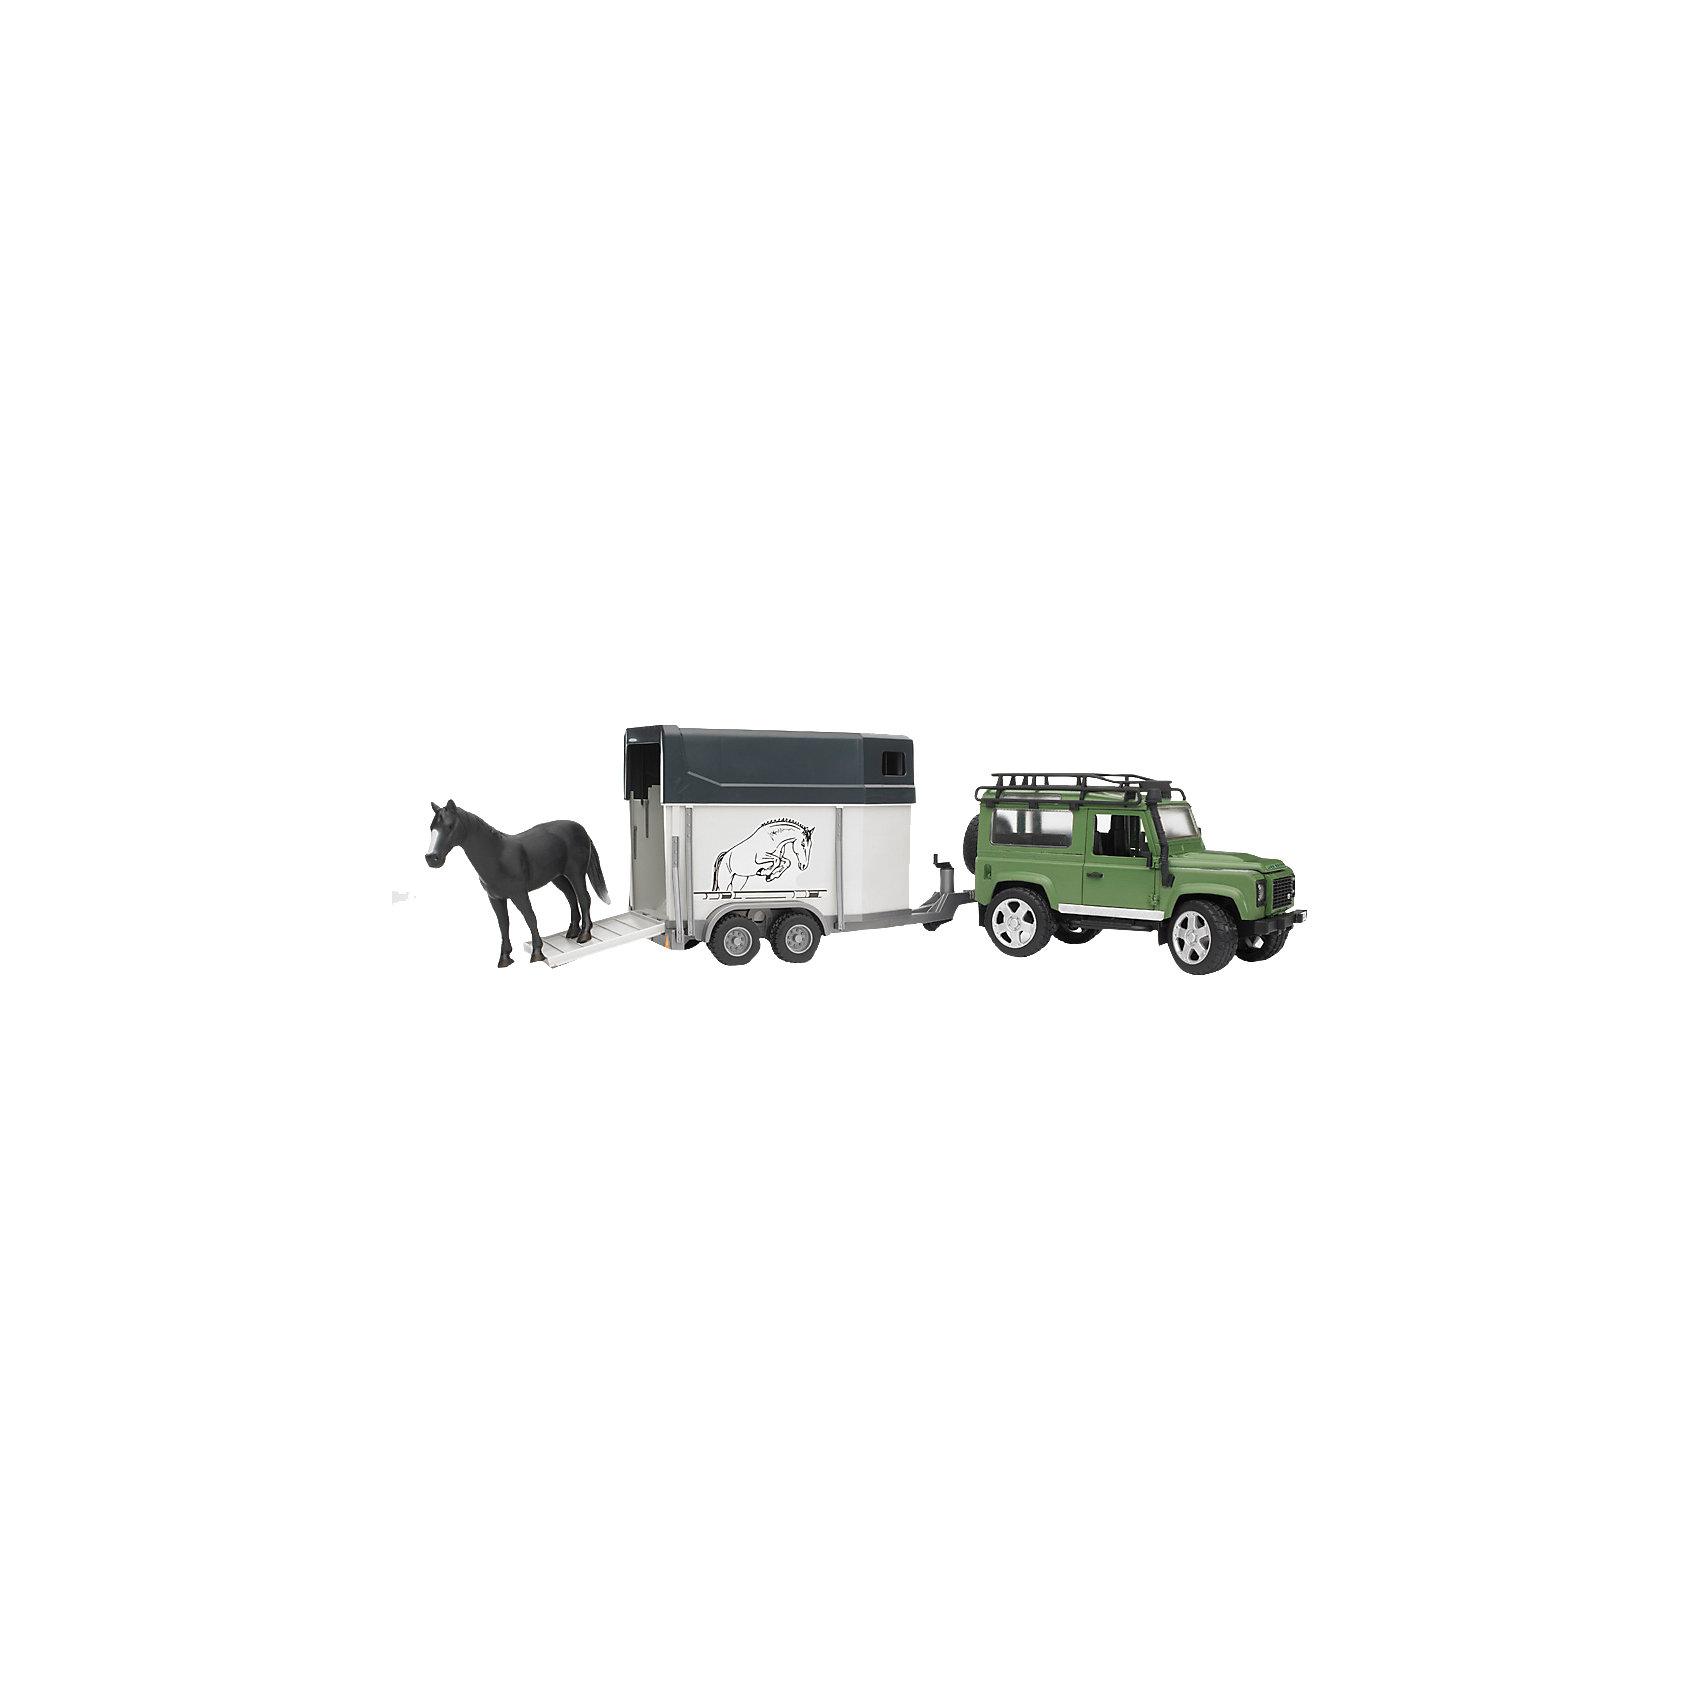 Фото Bruder Внедорожник Land Rover с прицепом-коневозкой и лошадью,  Bruder